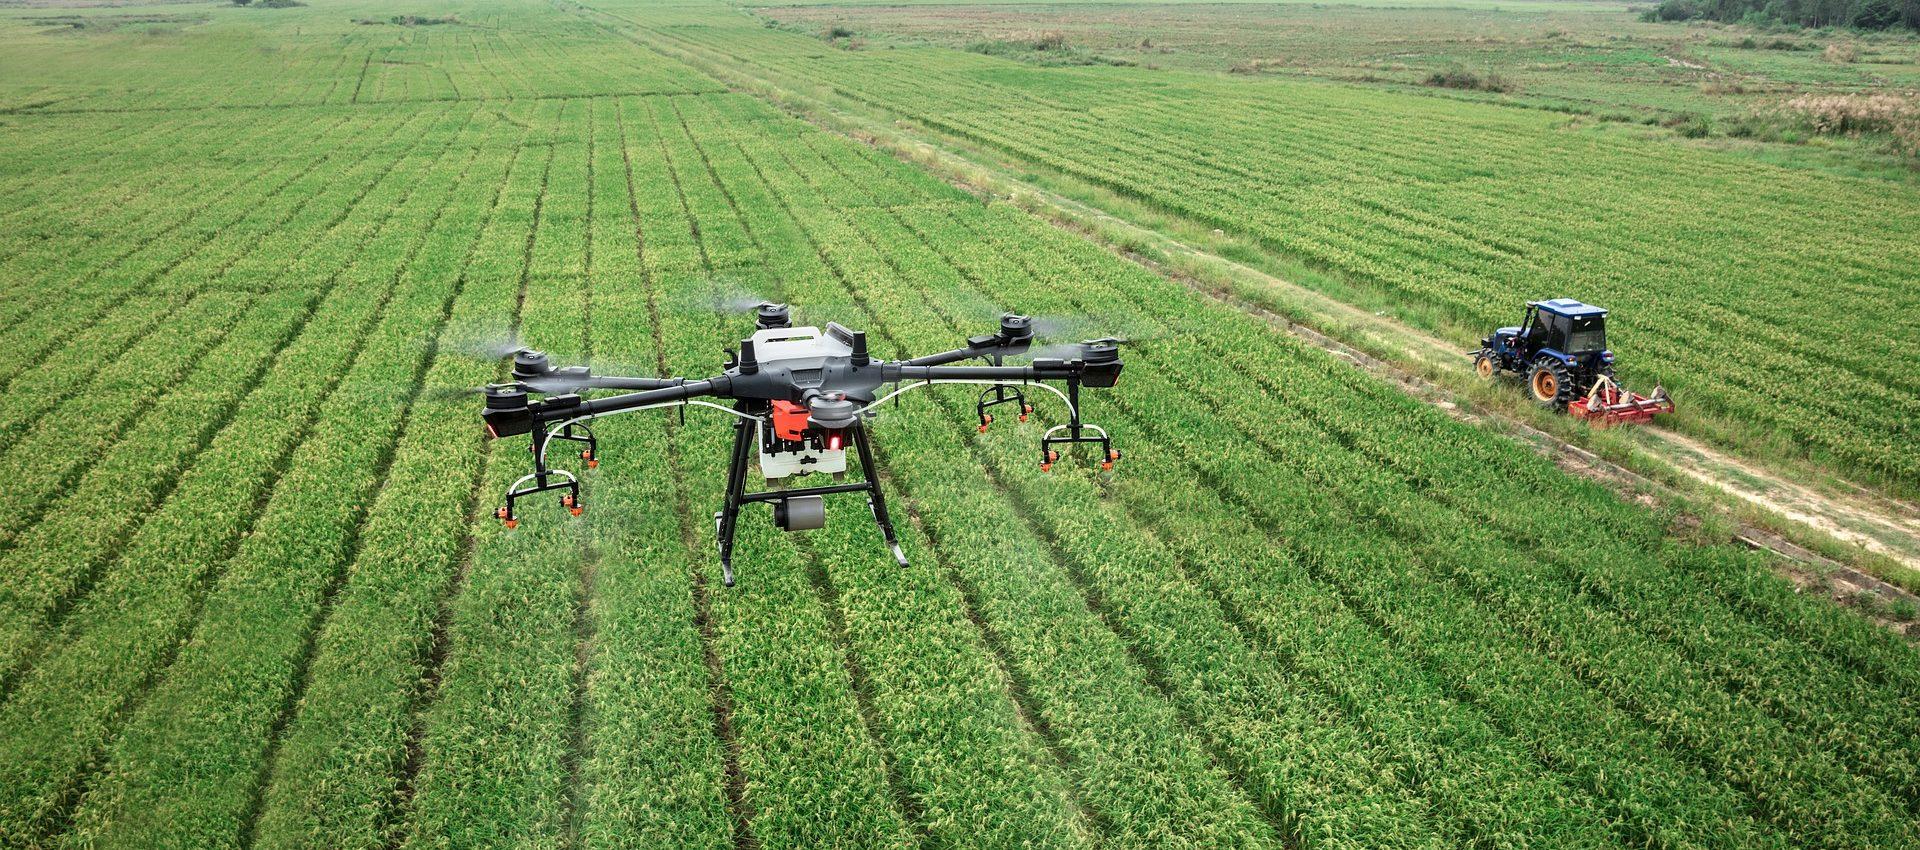 Kuvassa näkyy iso pelto, jonka päällä lentää drone. Alhaalla näkyy traktori.